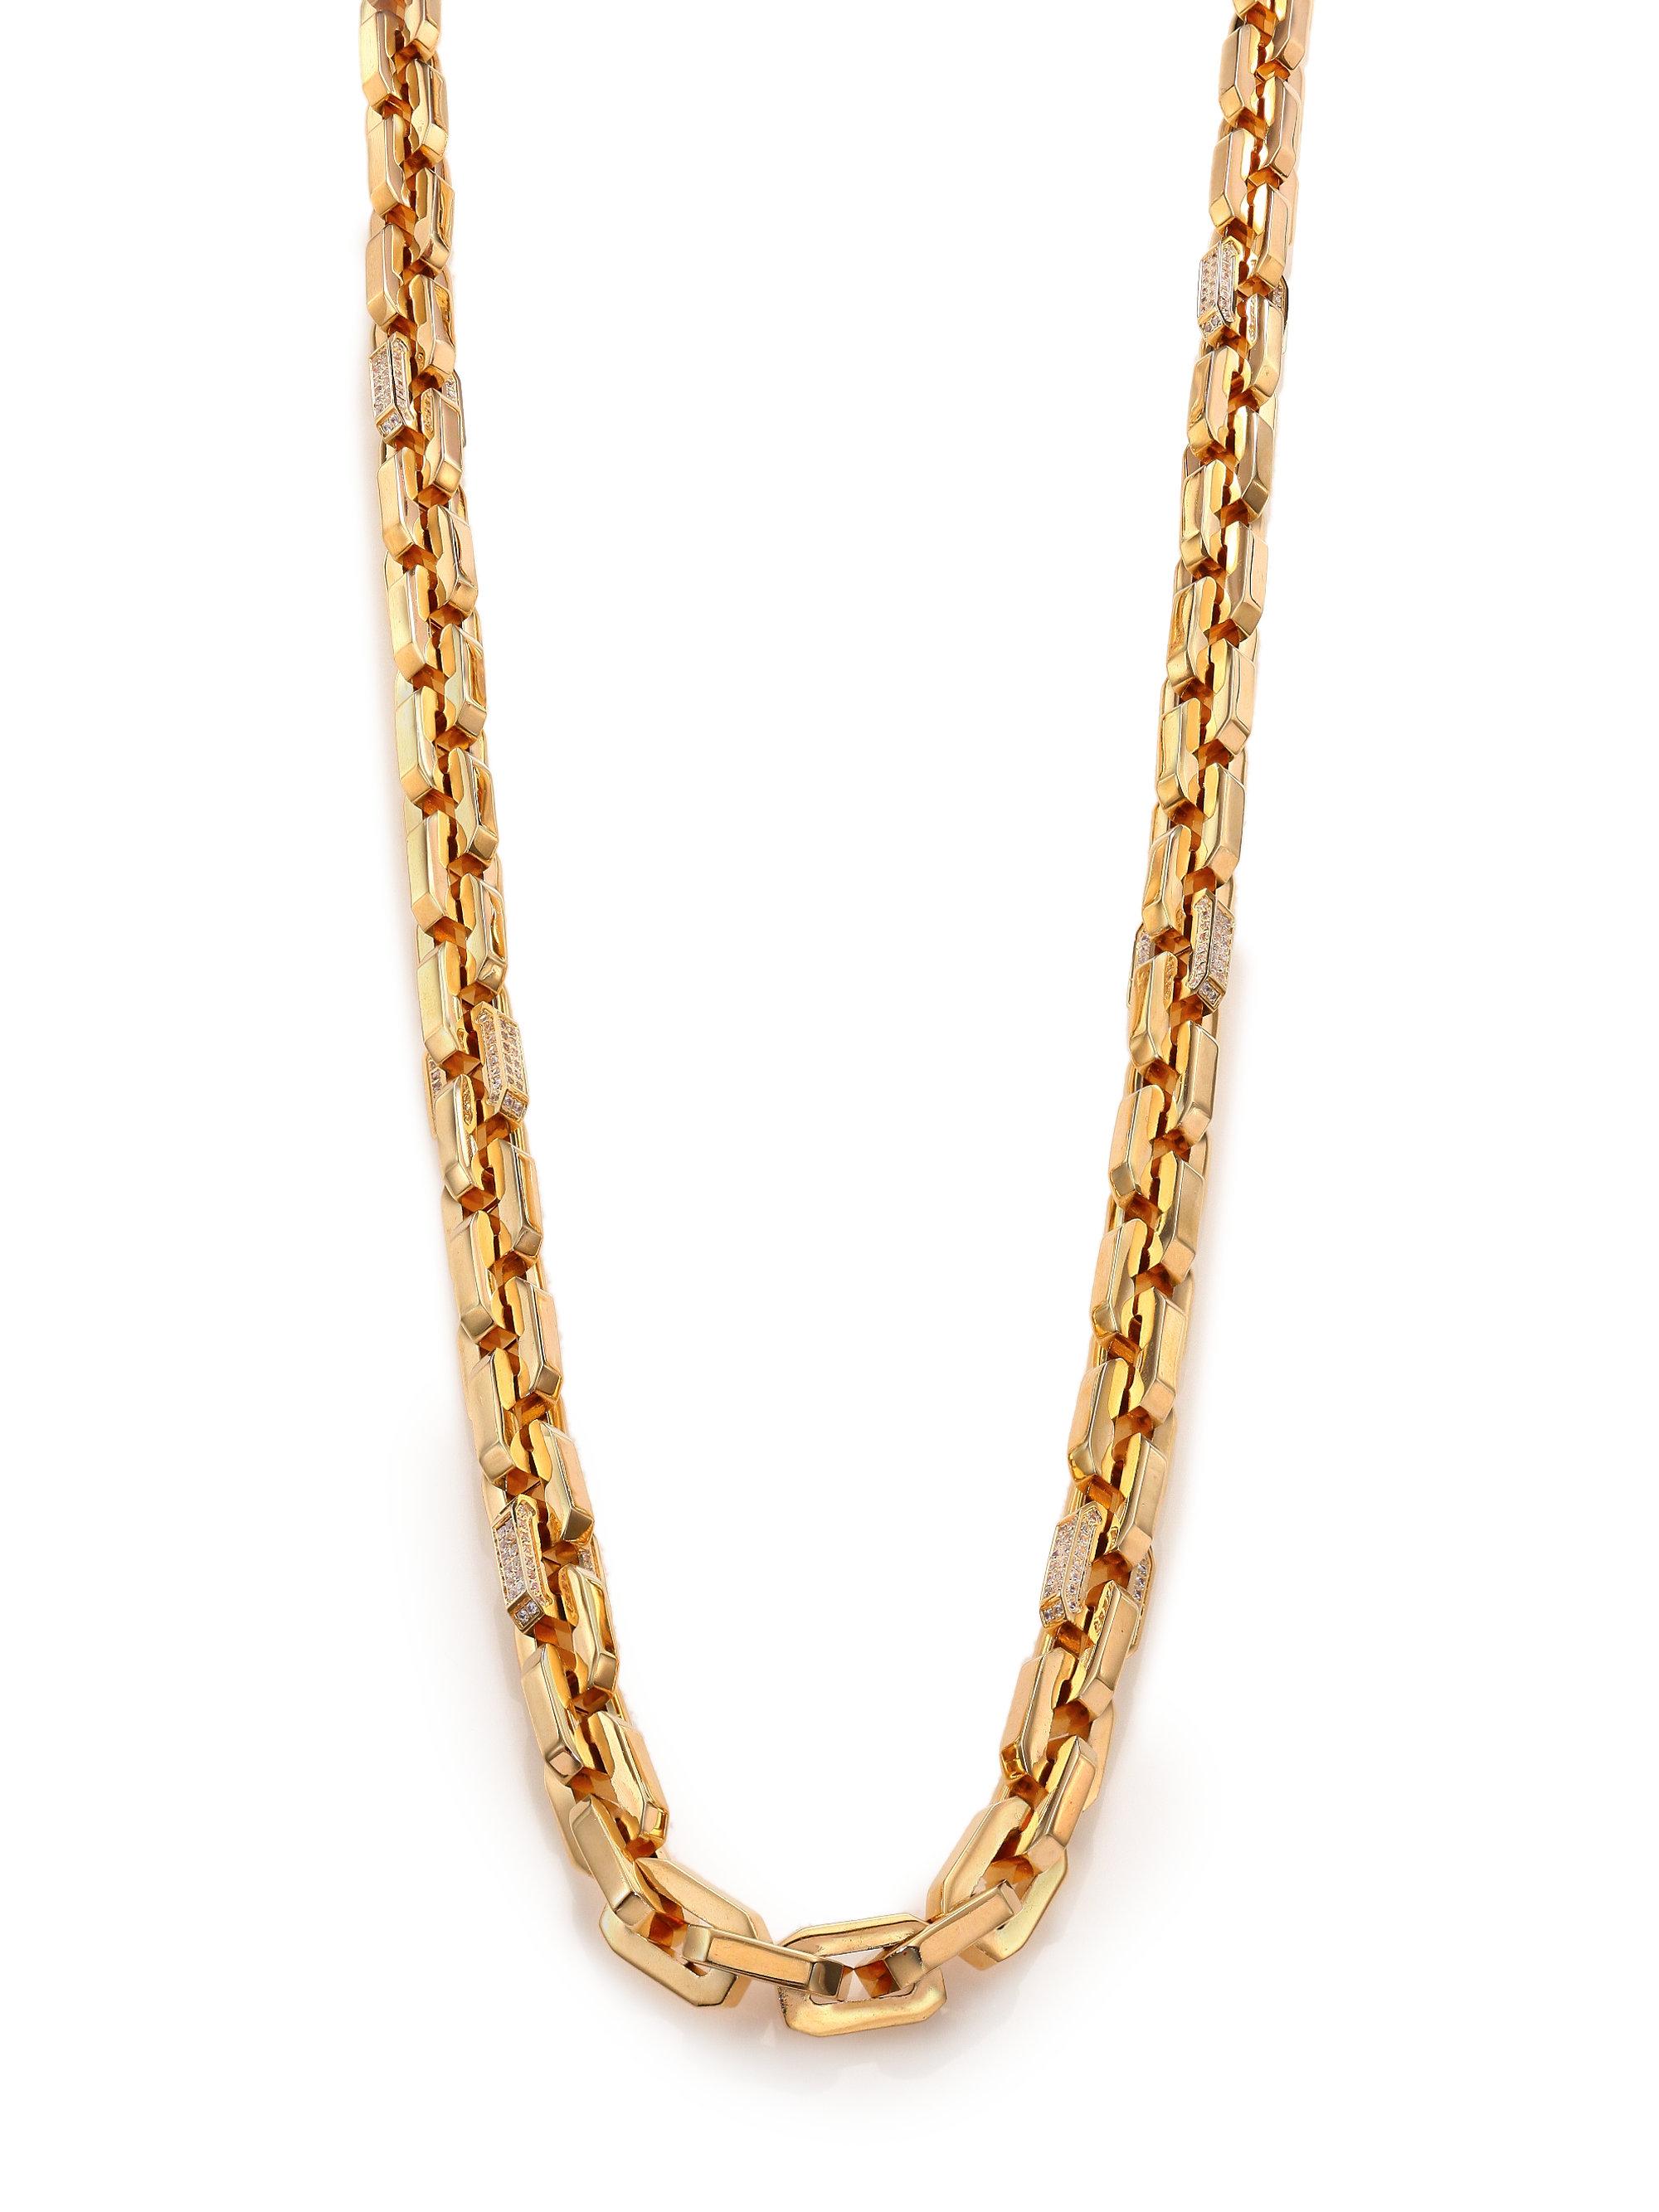 Eddie Borgo Pave Crystal Small Supra Link Necklace In